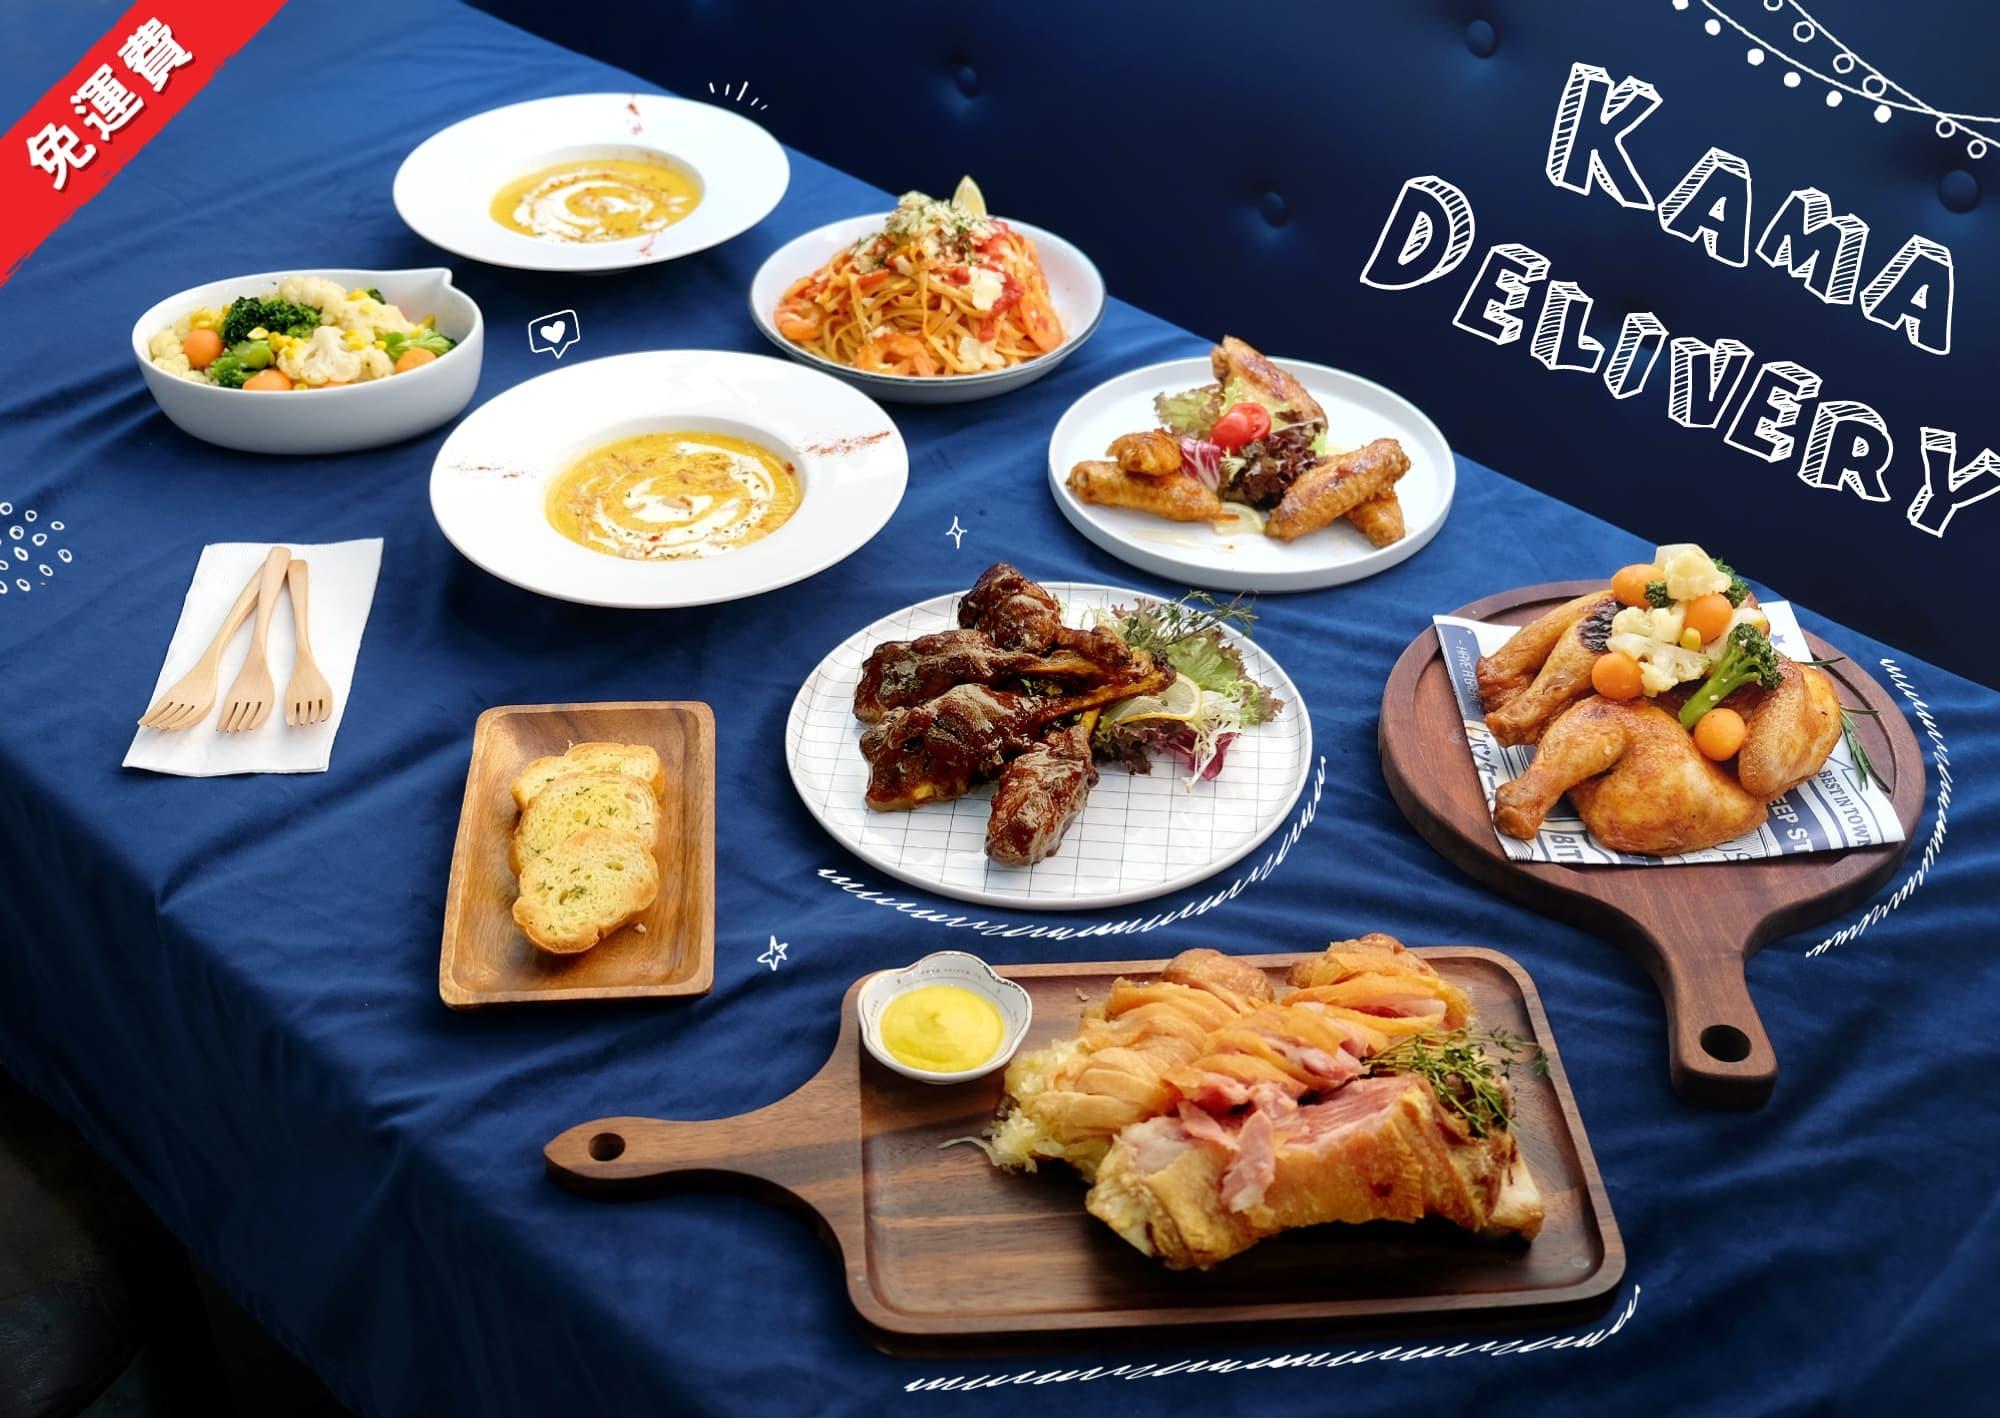 大水坑到會推介 Kama Delivery外送速遞美食服務,專營西式沙律、小食、主菜、意粉、飯類、甜品等等,設有多人套餐及單點食品供挑選